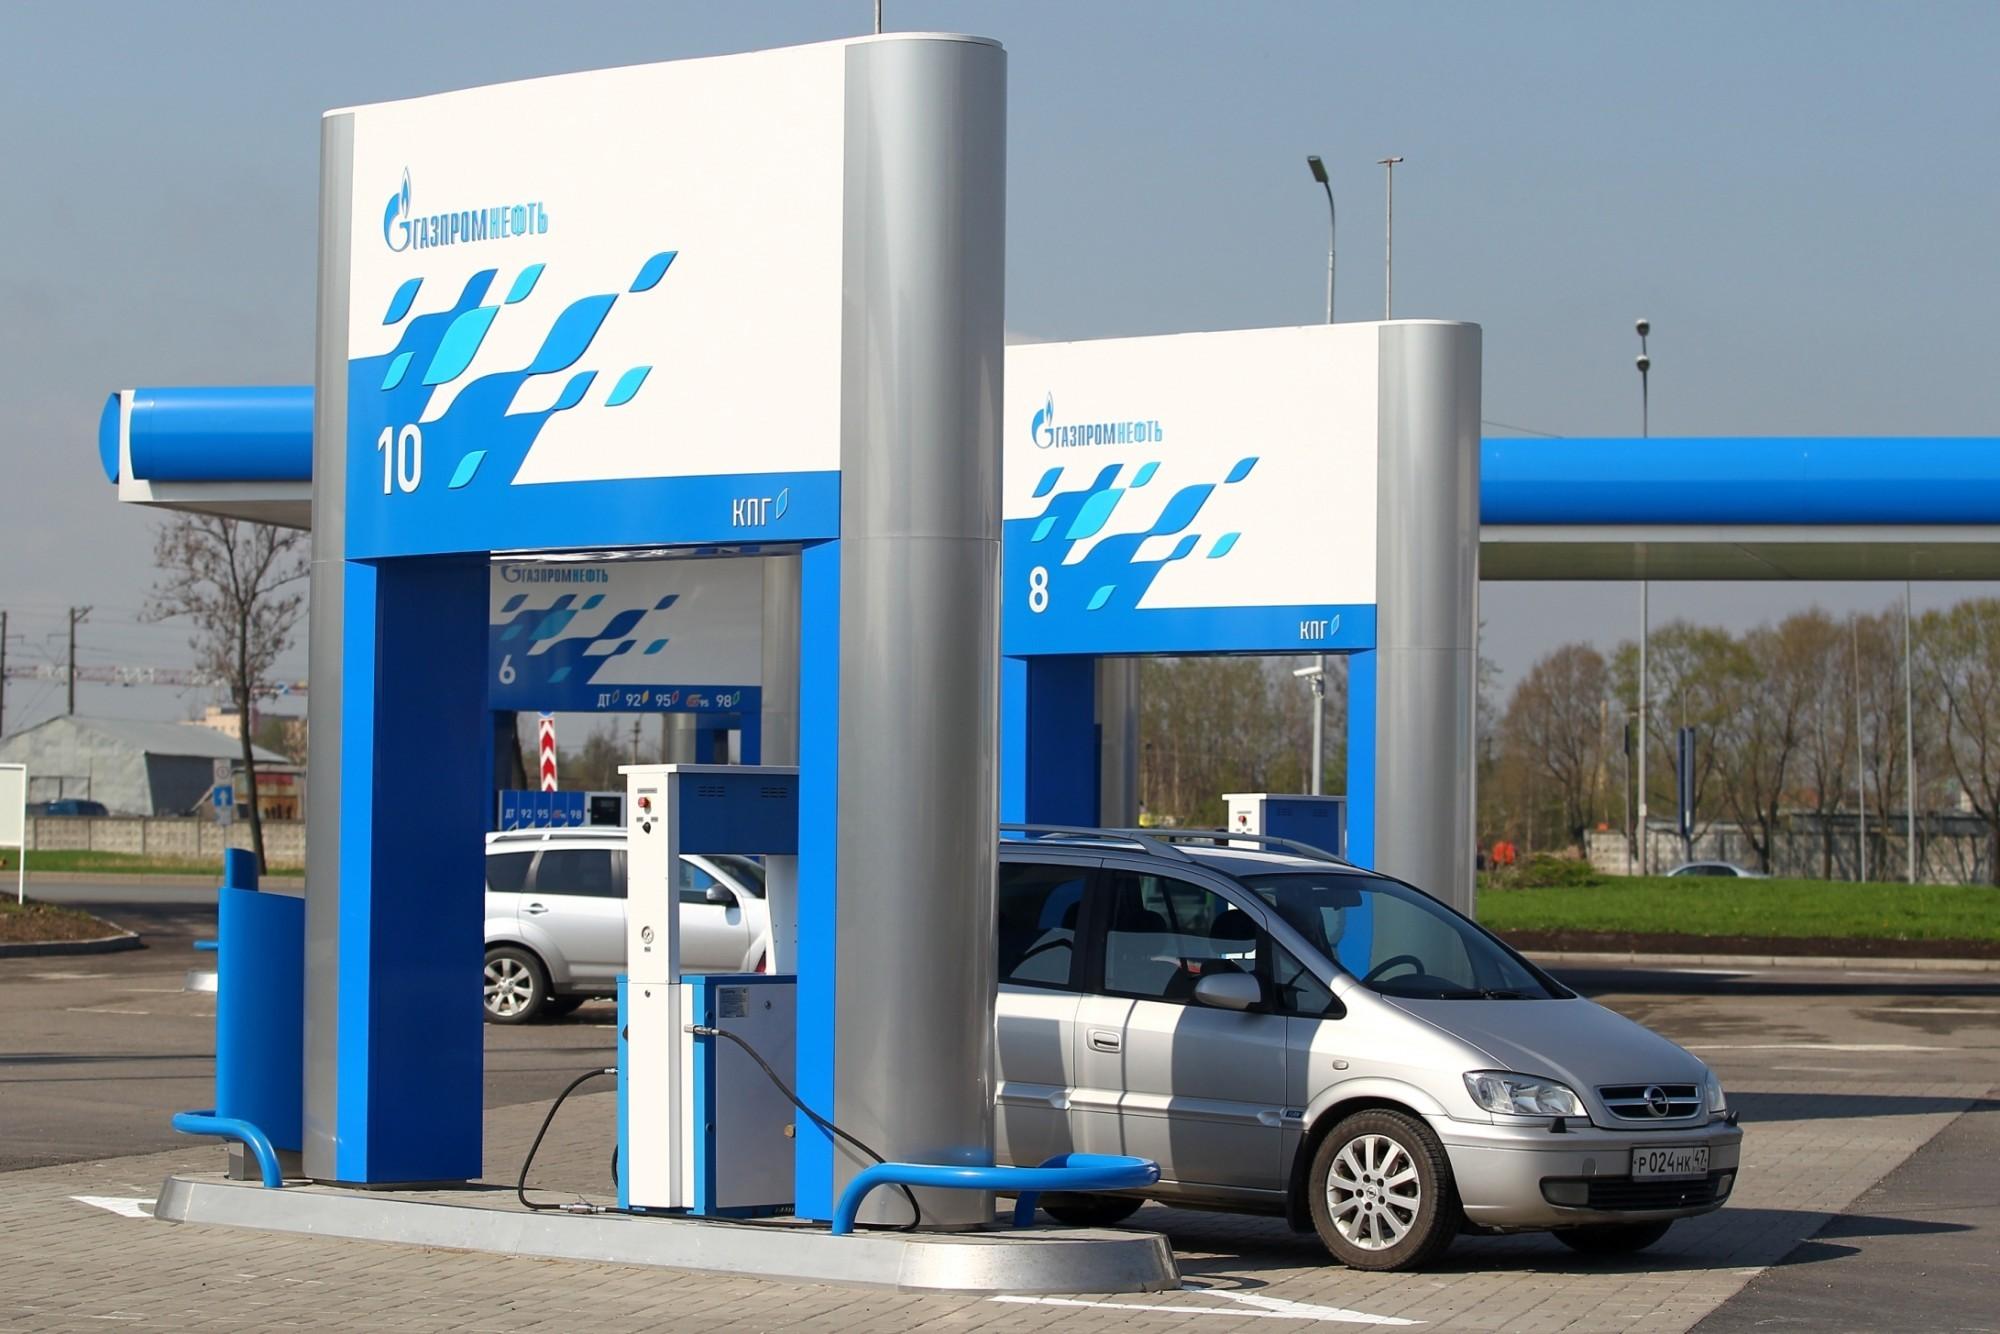 В планах «Газпрома» почти в 3 раза увеличить число открываемых газовых автозаправок в 2021 г.